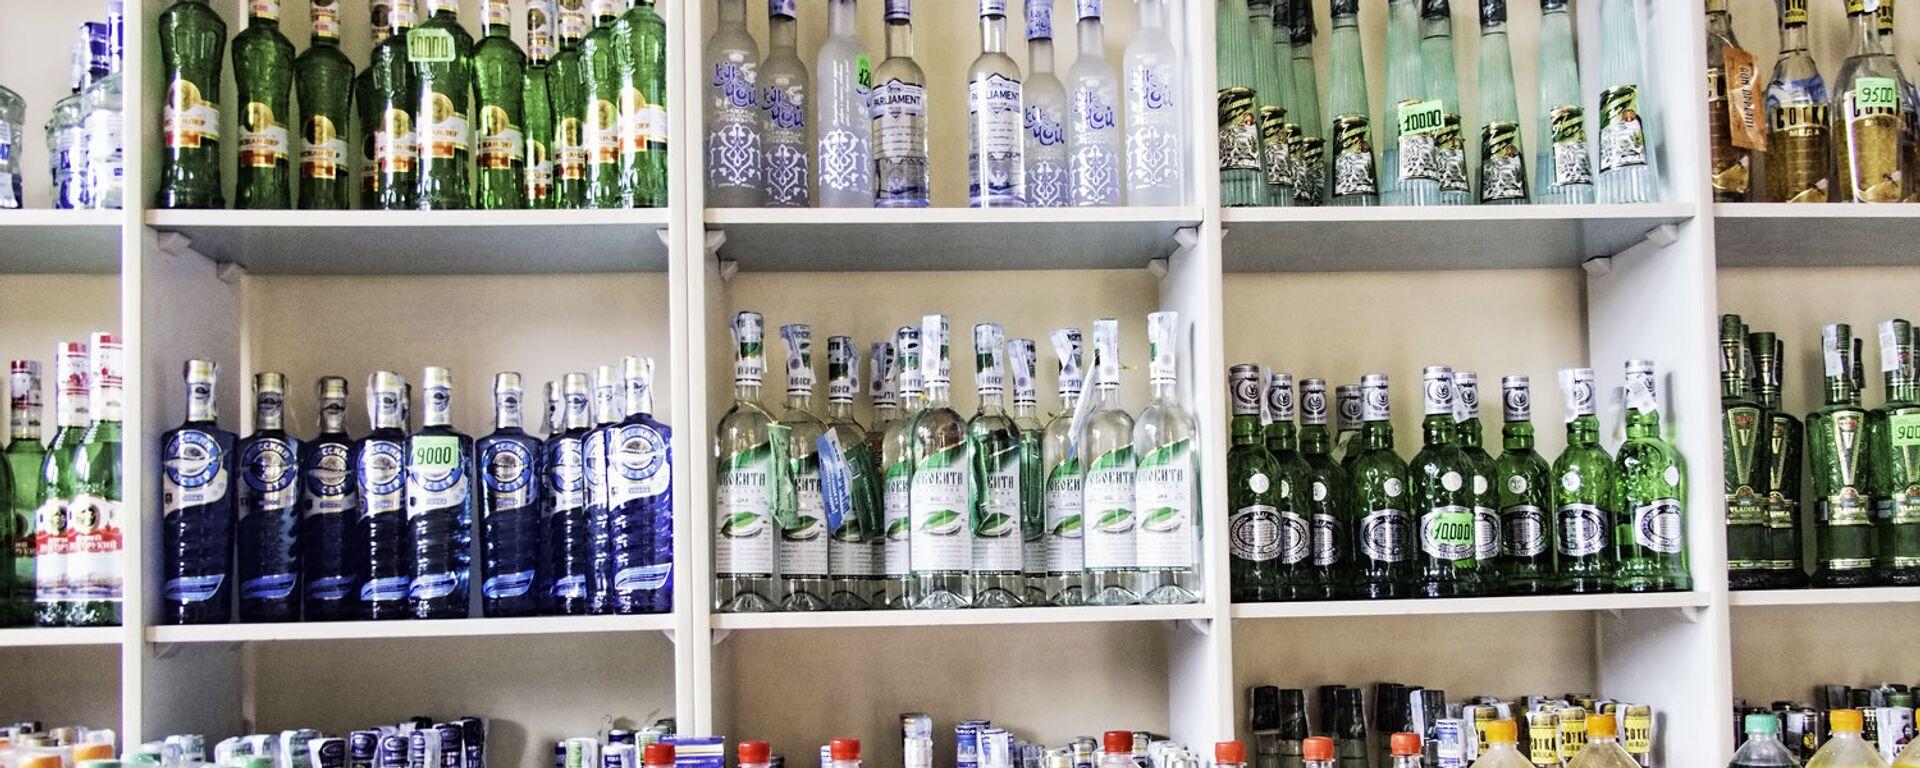 Алкогольная продукция в магазине в Узбекистане - Sputnik Узбекистан, 1920, 16.06.2021